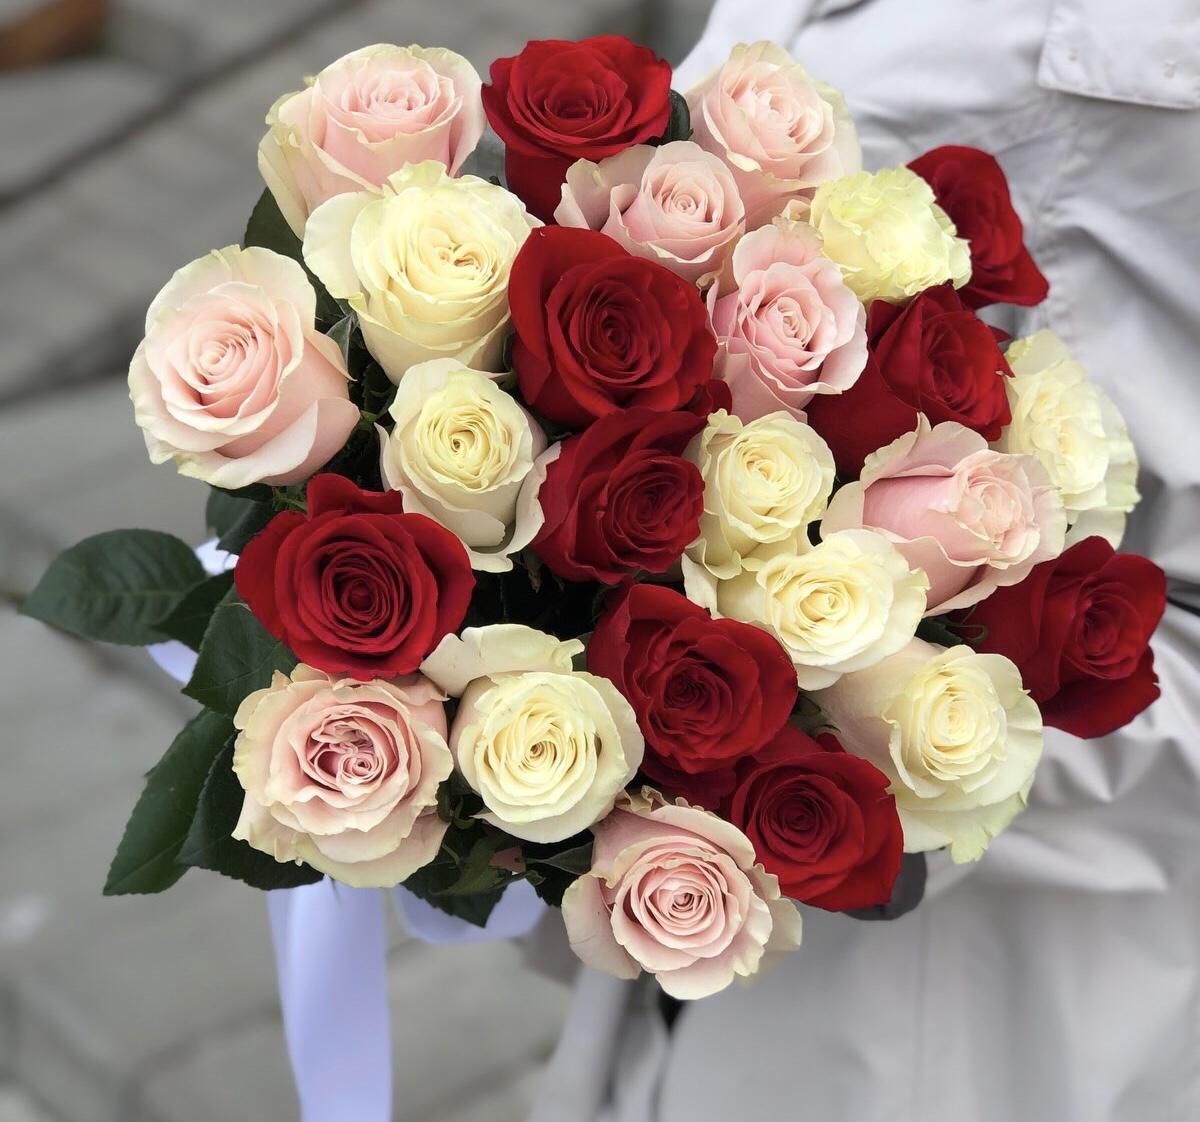 Букет из красных, белых и розовых роз Бабочки внутри меня